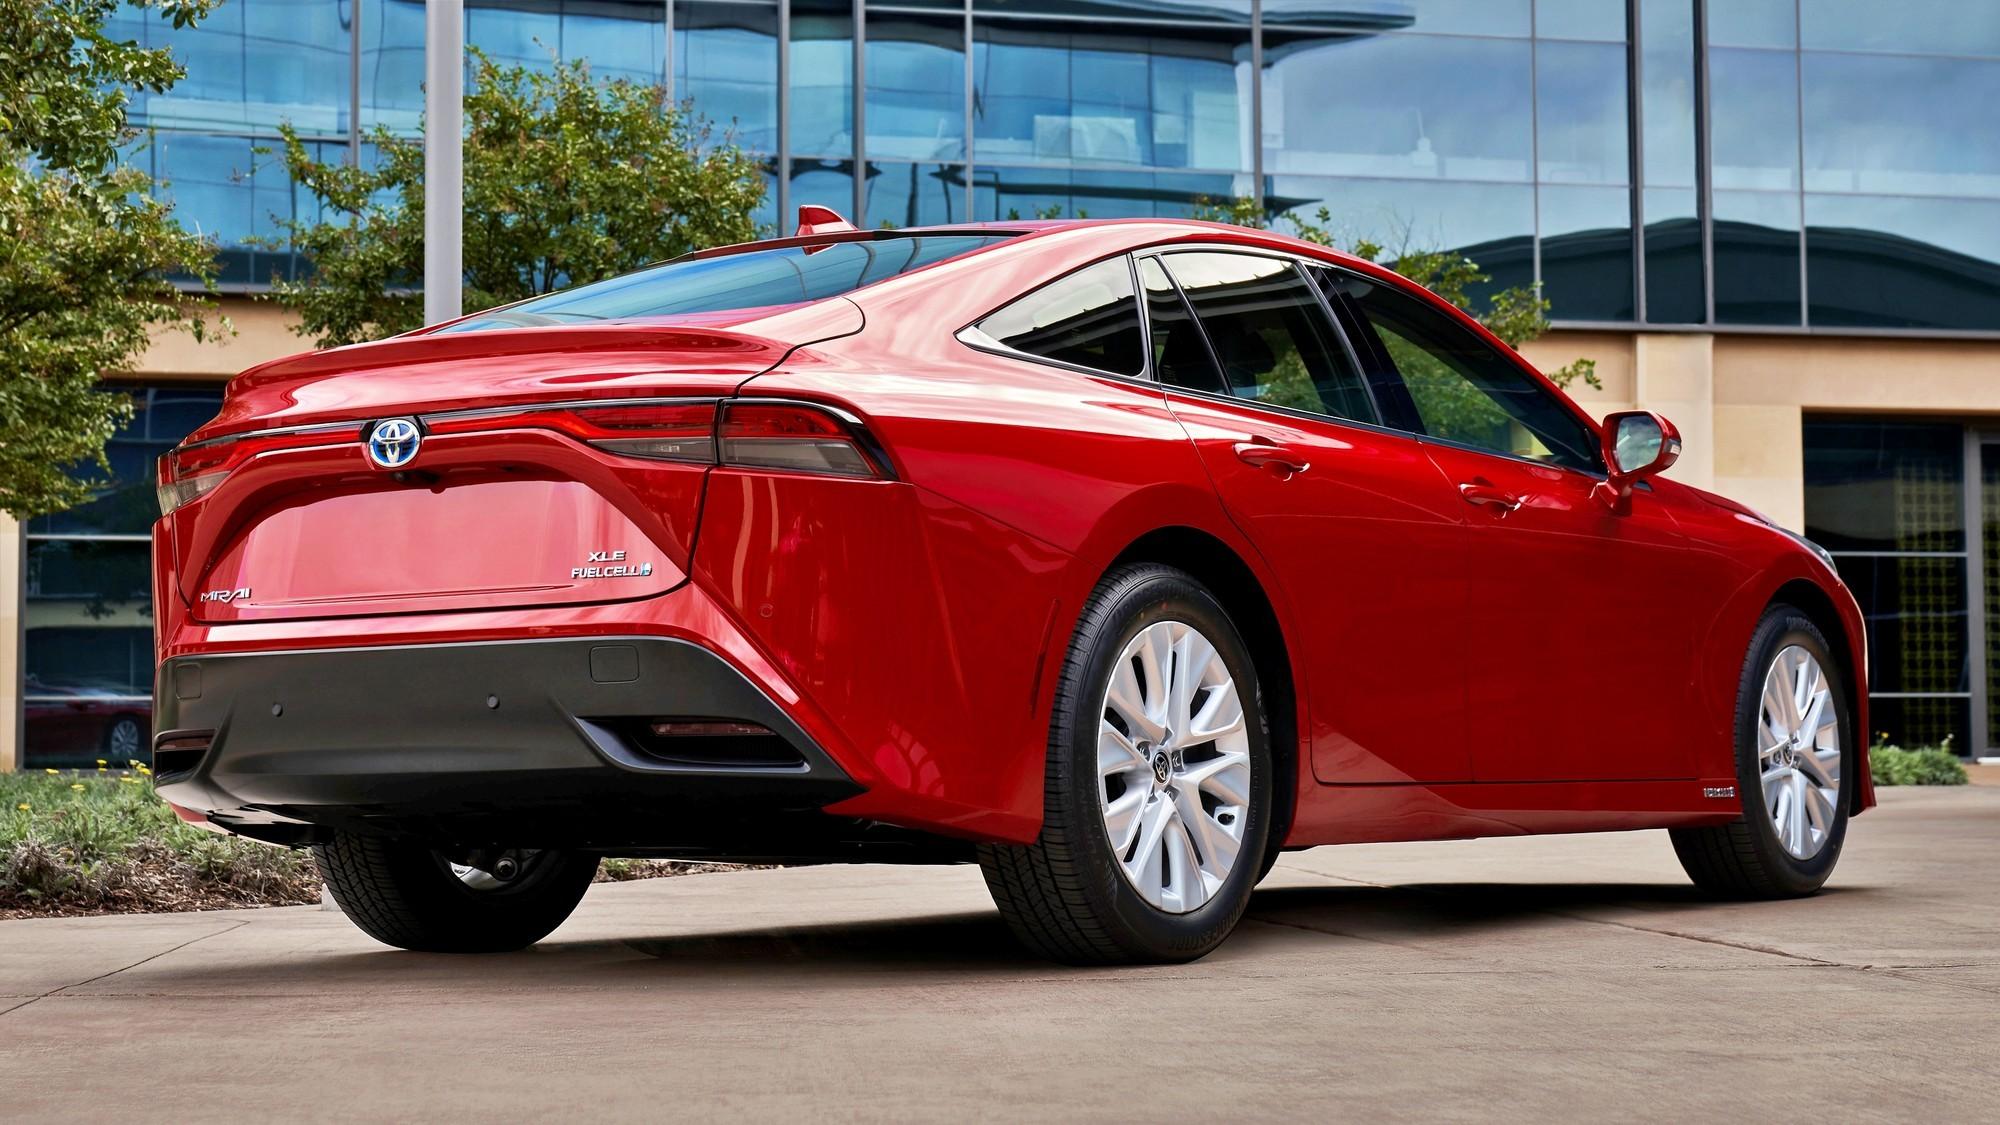 Новый Toyota Mirai: три баллона, один мотор, 182 л.с., старт продаж — в декабре